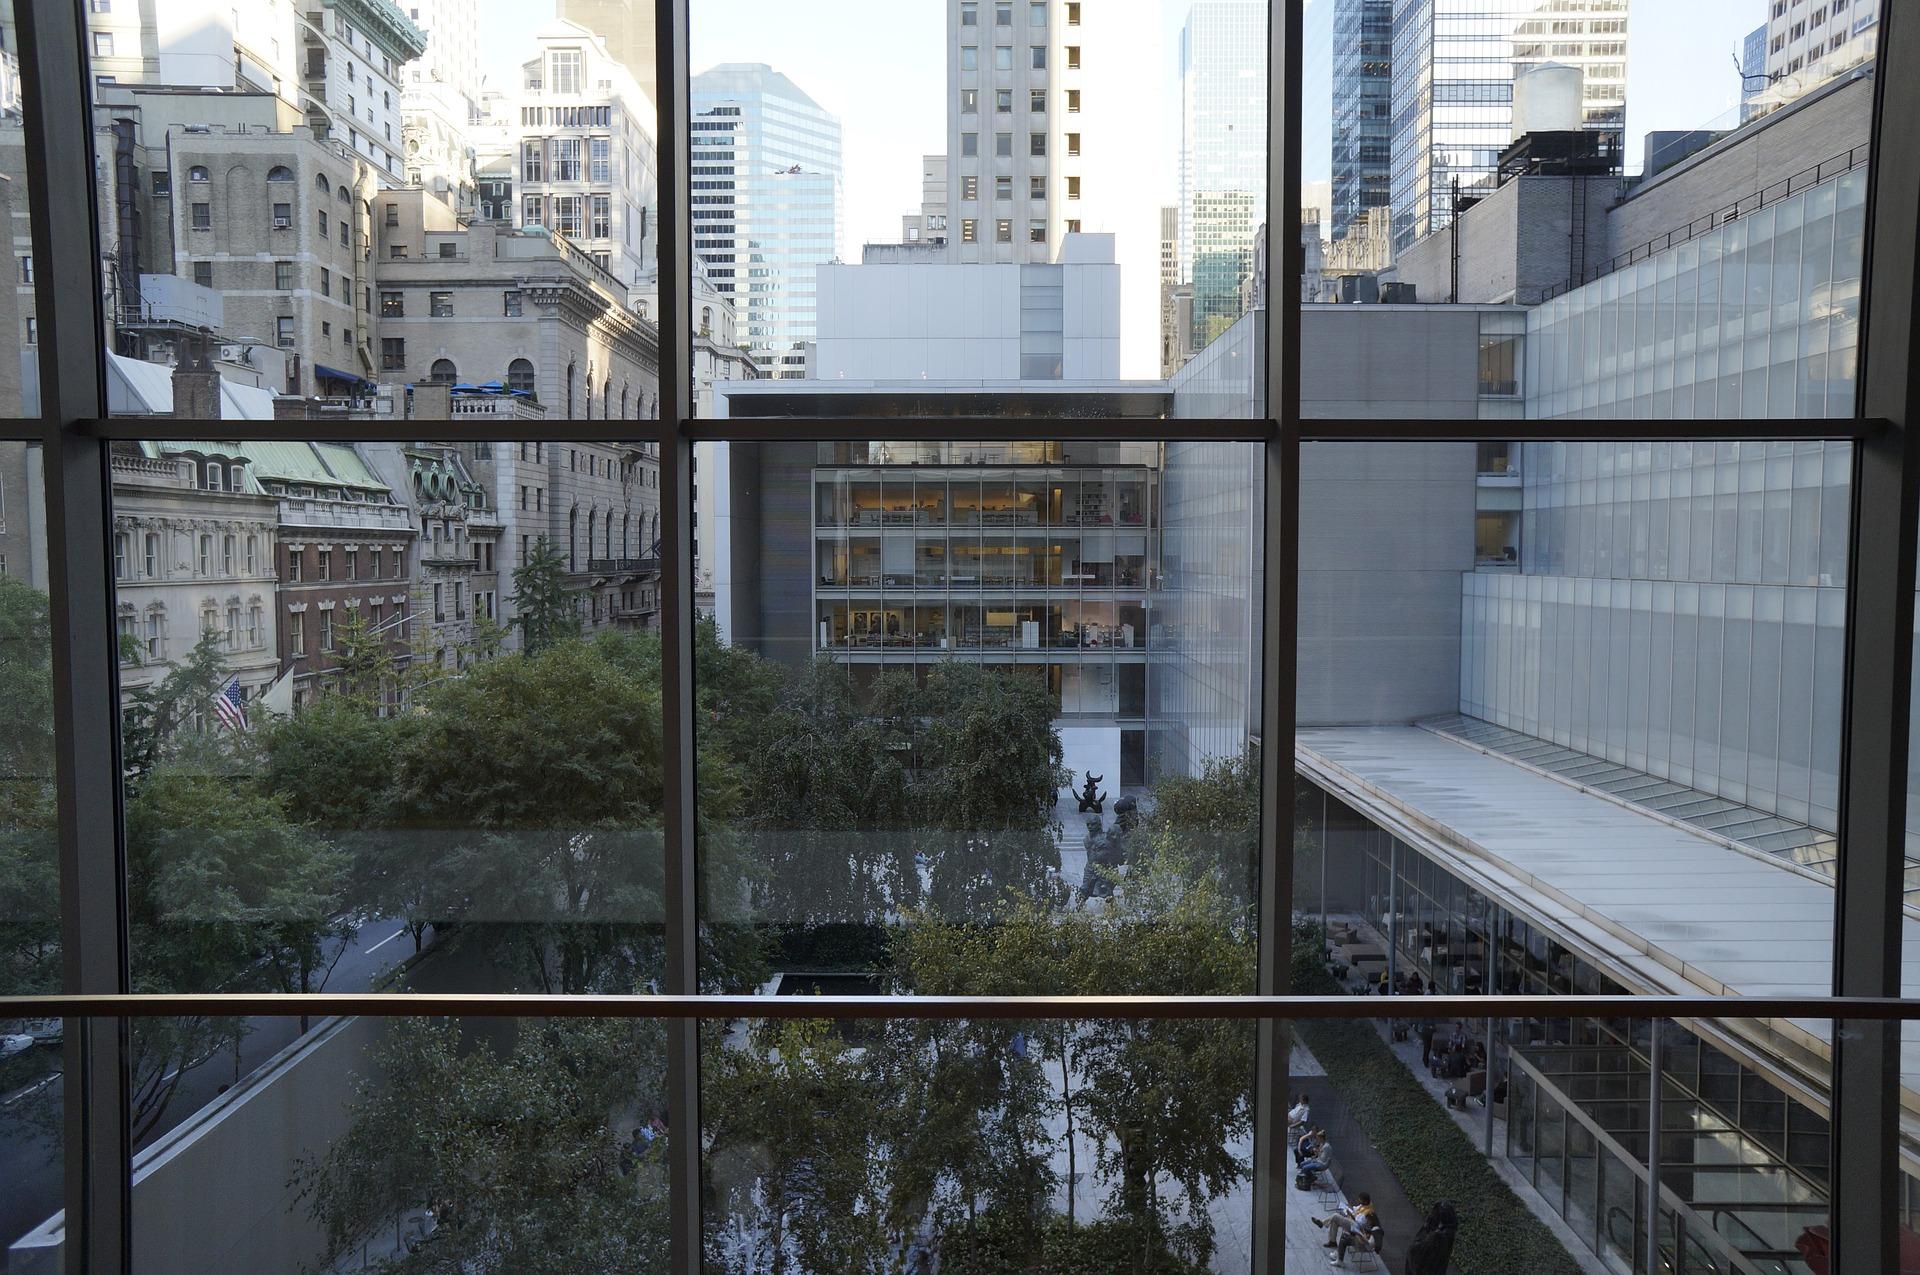 Die 10 besten kostenlosen Attraktionen in New York